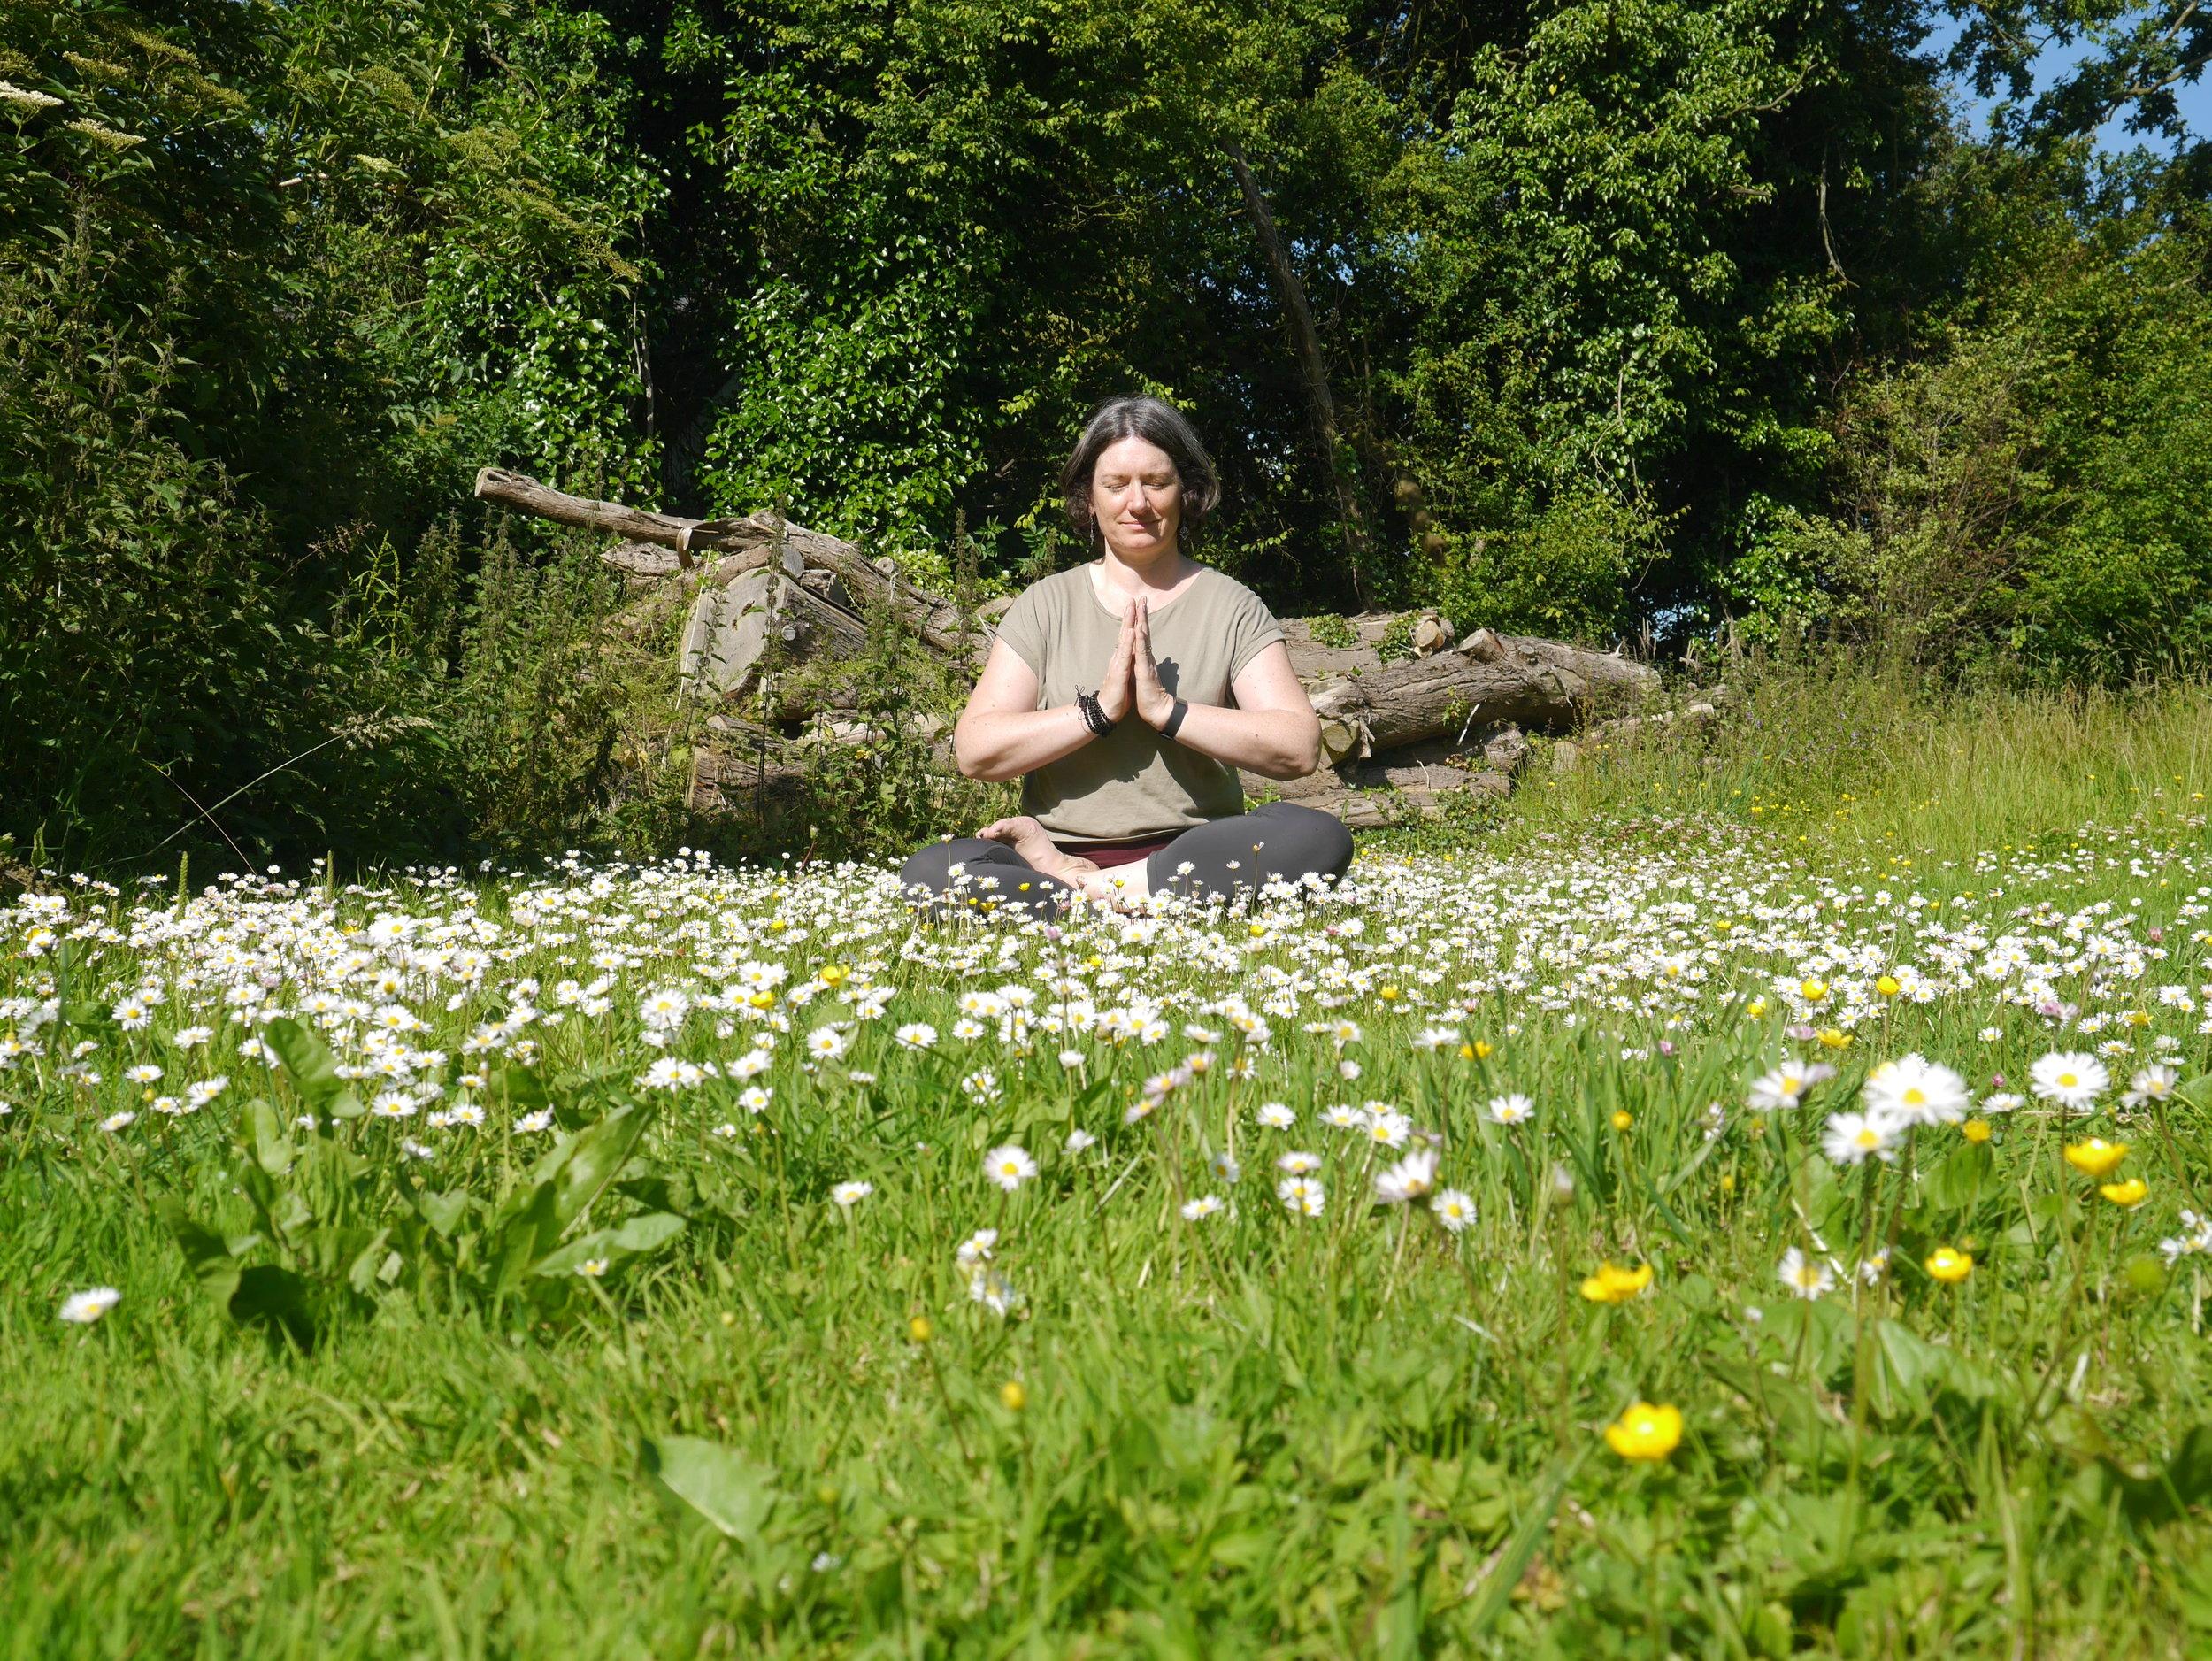 Aruna Yoga Studio - Laura Wynne taking a moment off the treadmill